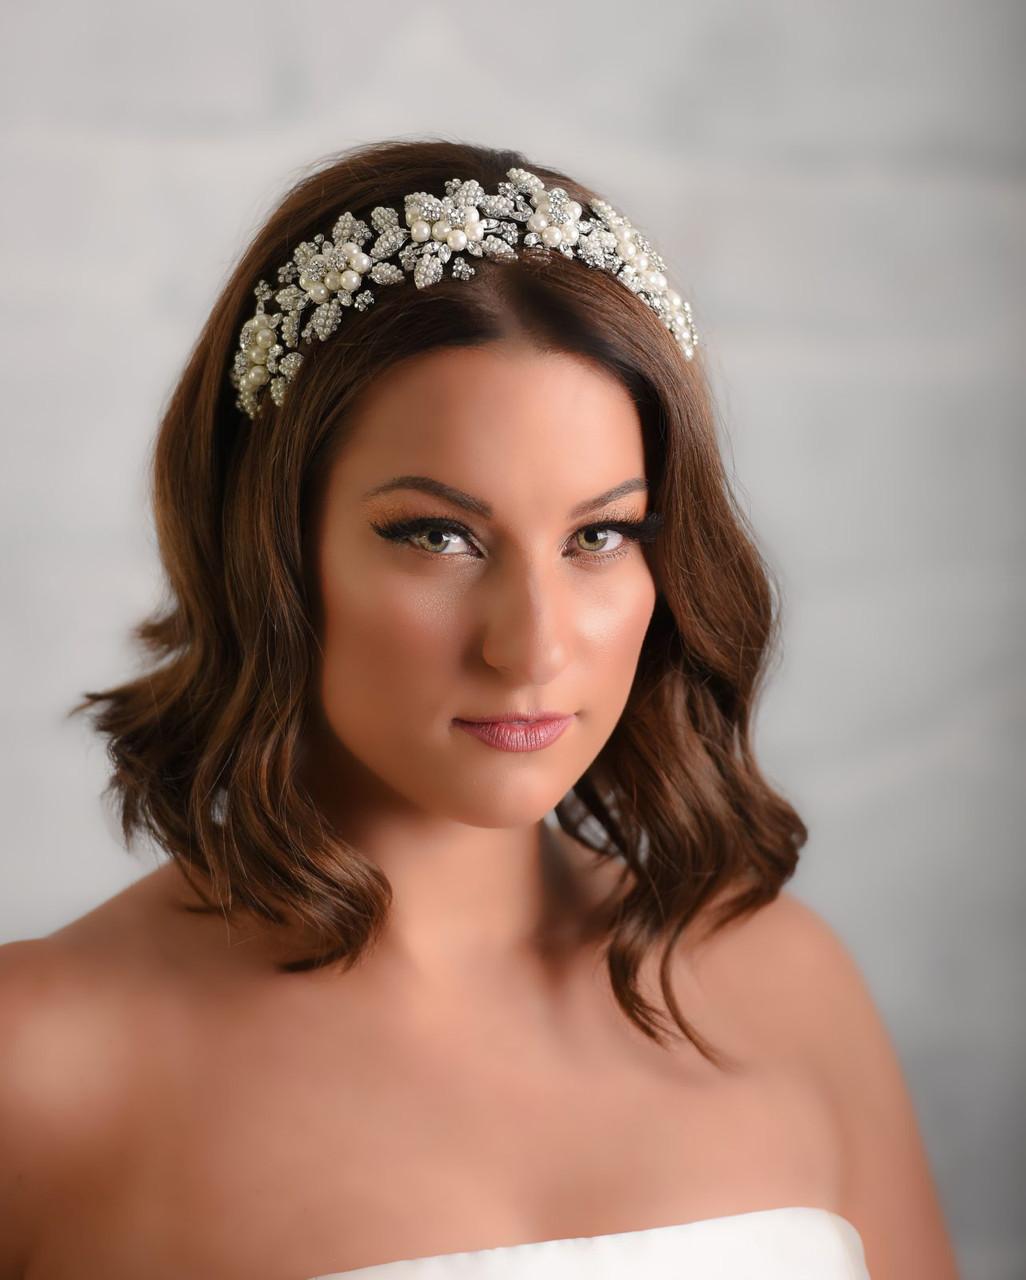 Maritza Bridal Headpiece 1029 - Pearl Headpiece With An Elastic